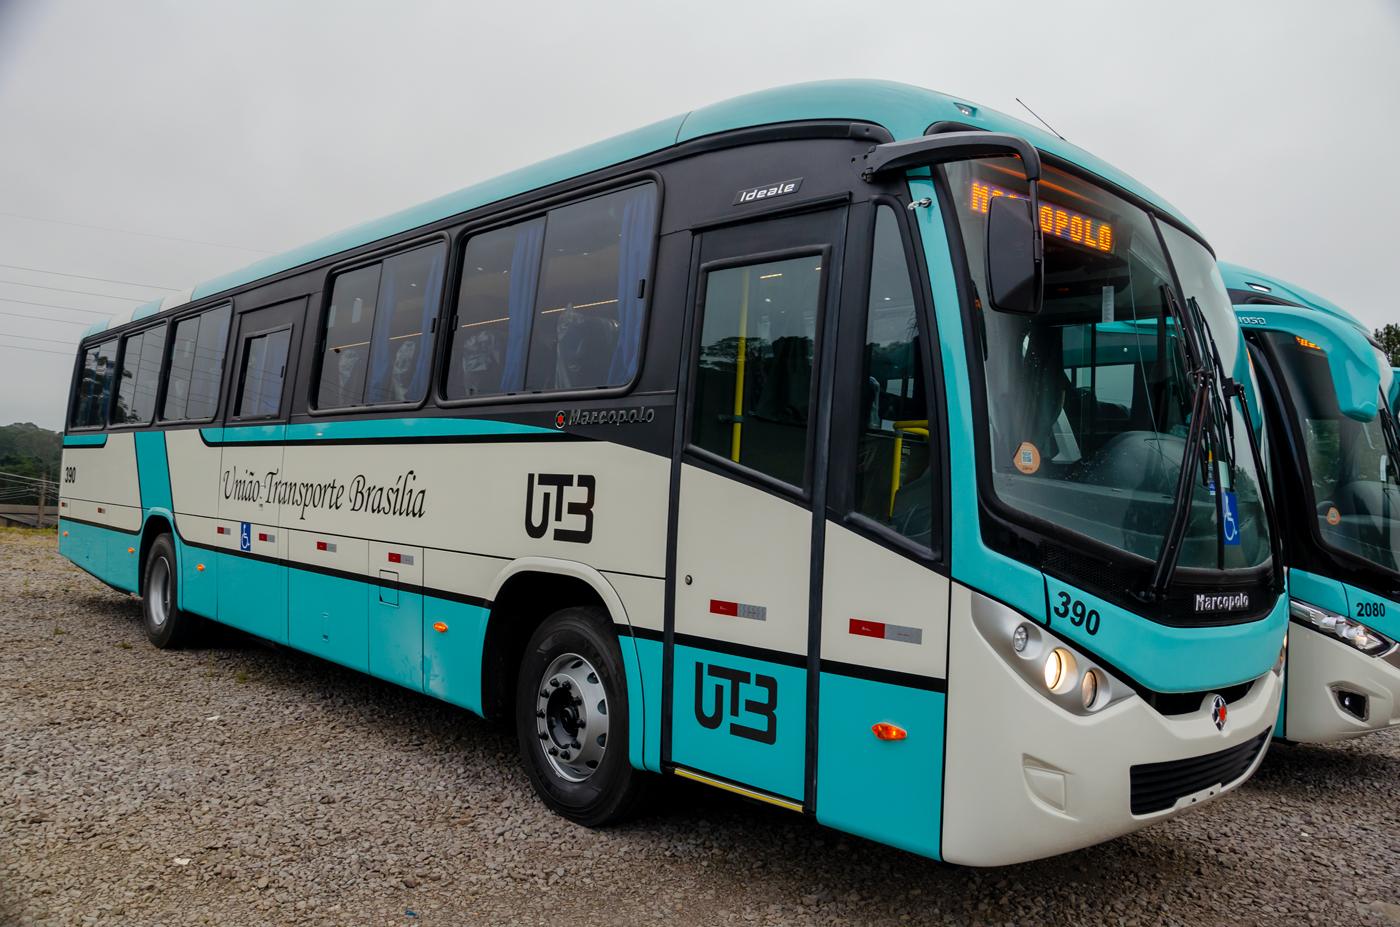 União-Transporte-de-Brasília-(2)